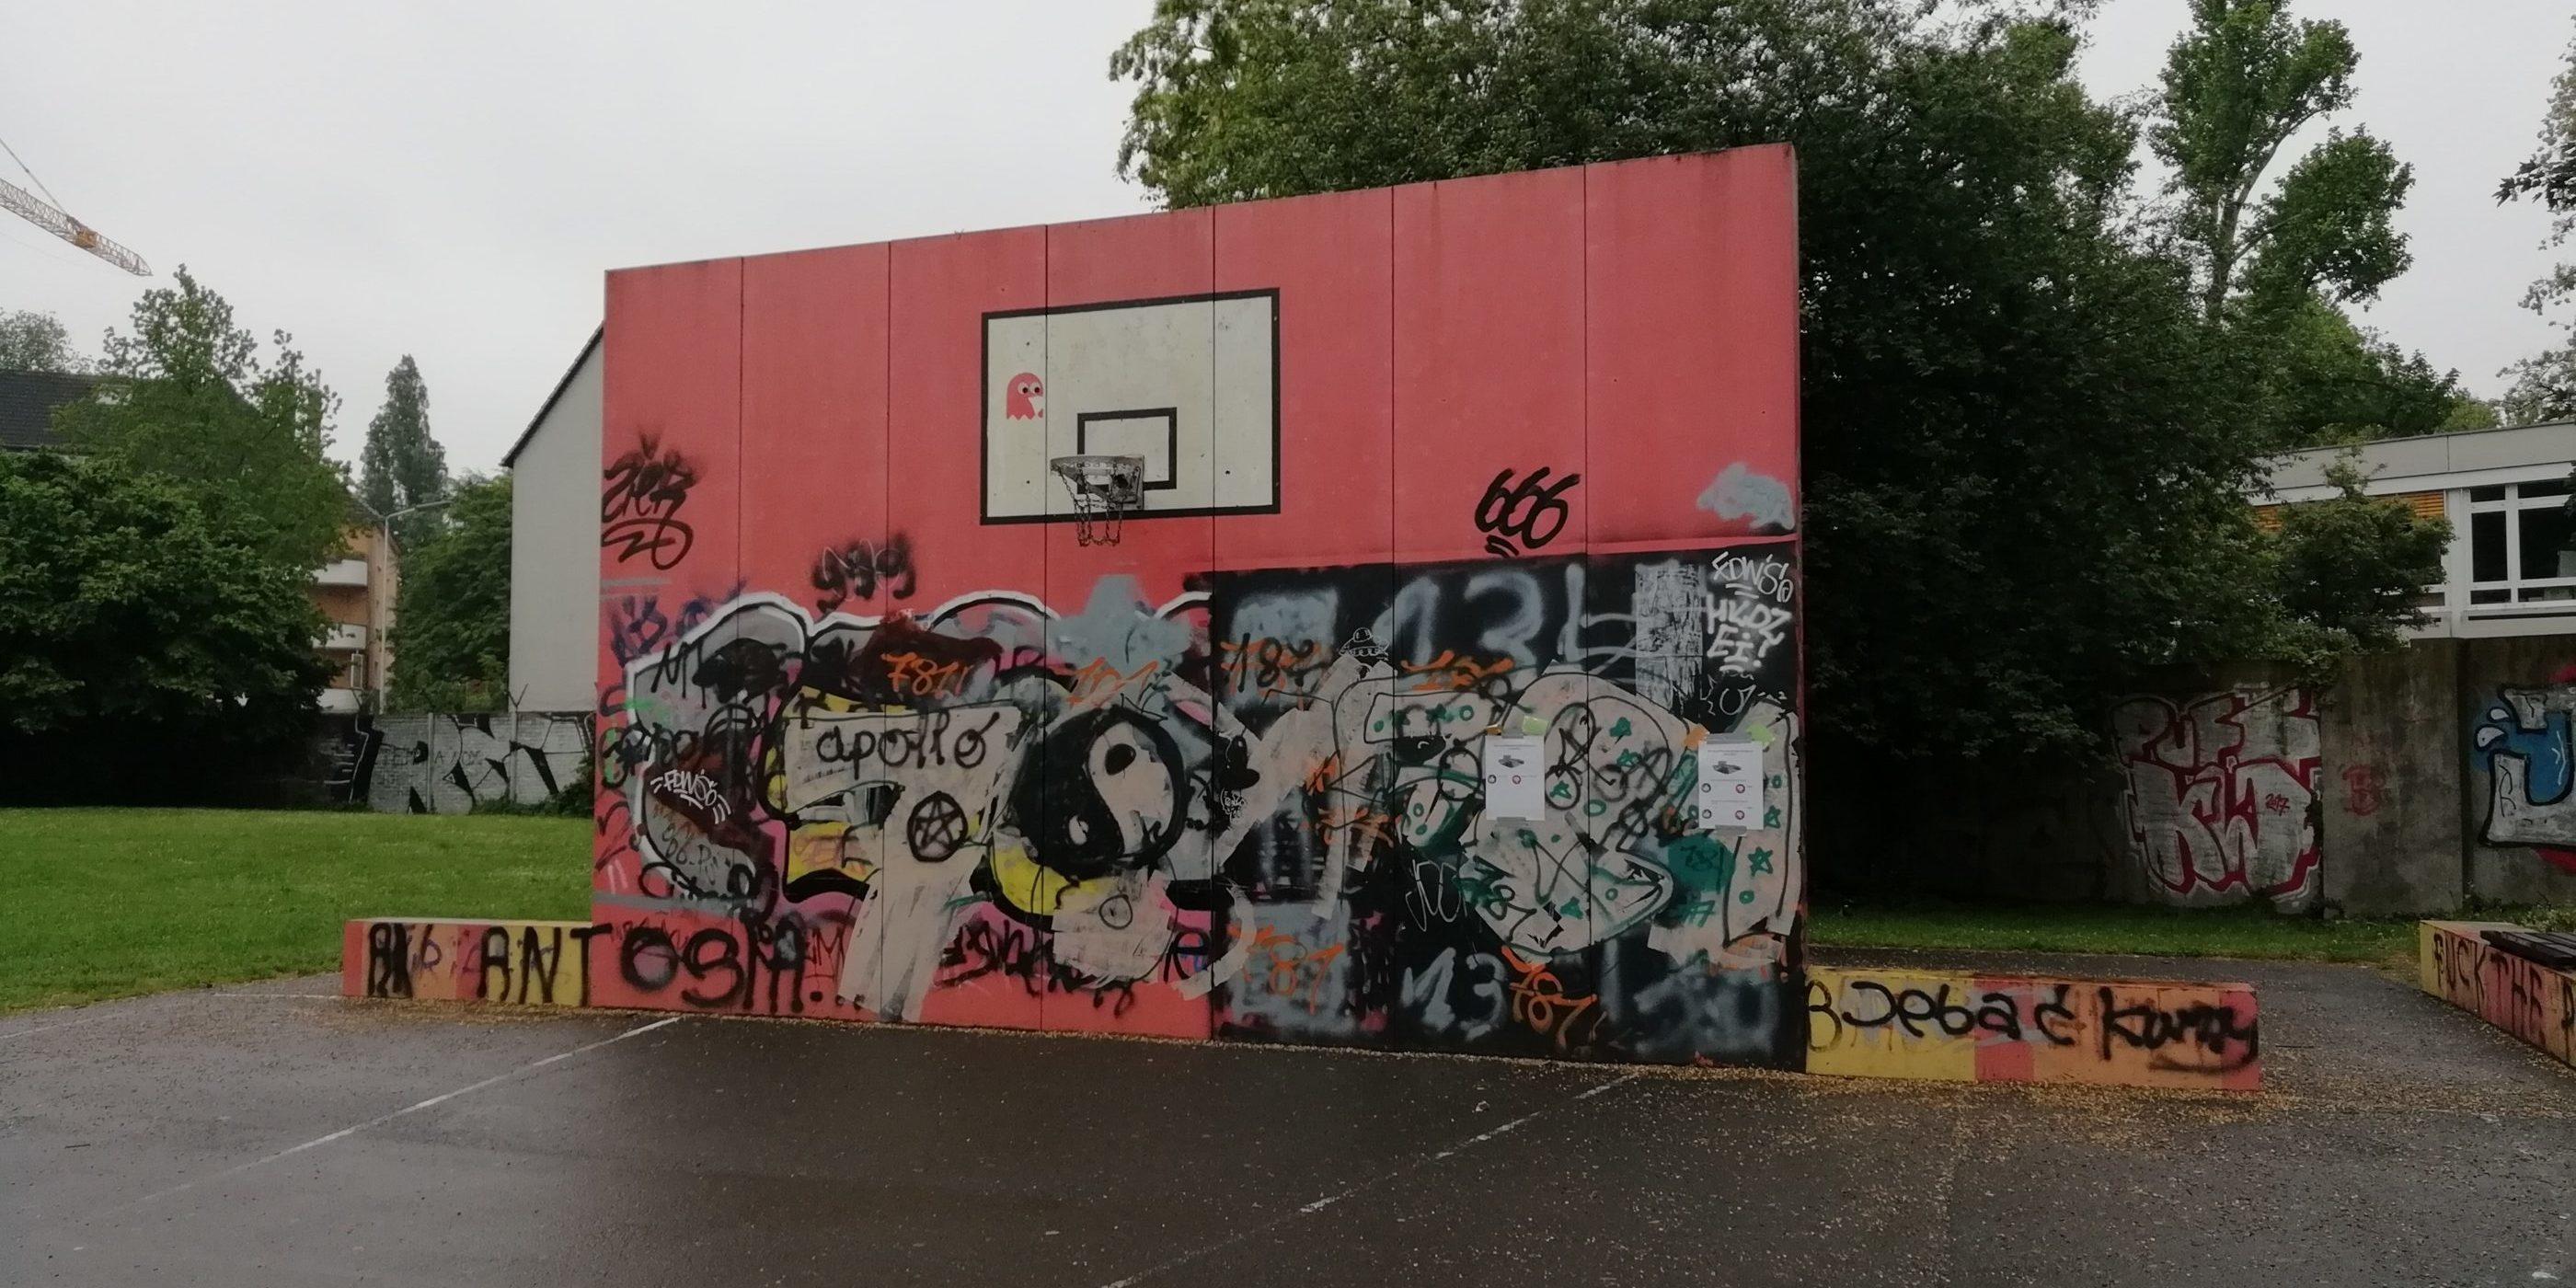 Basketballfeld mit vielen Graffitis an der Wand vom Korb